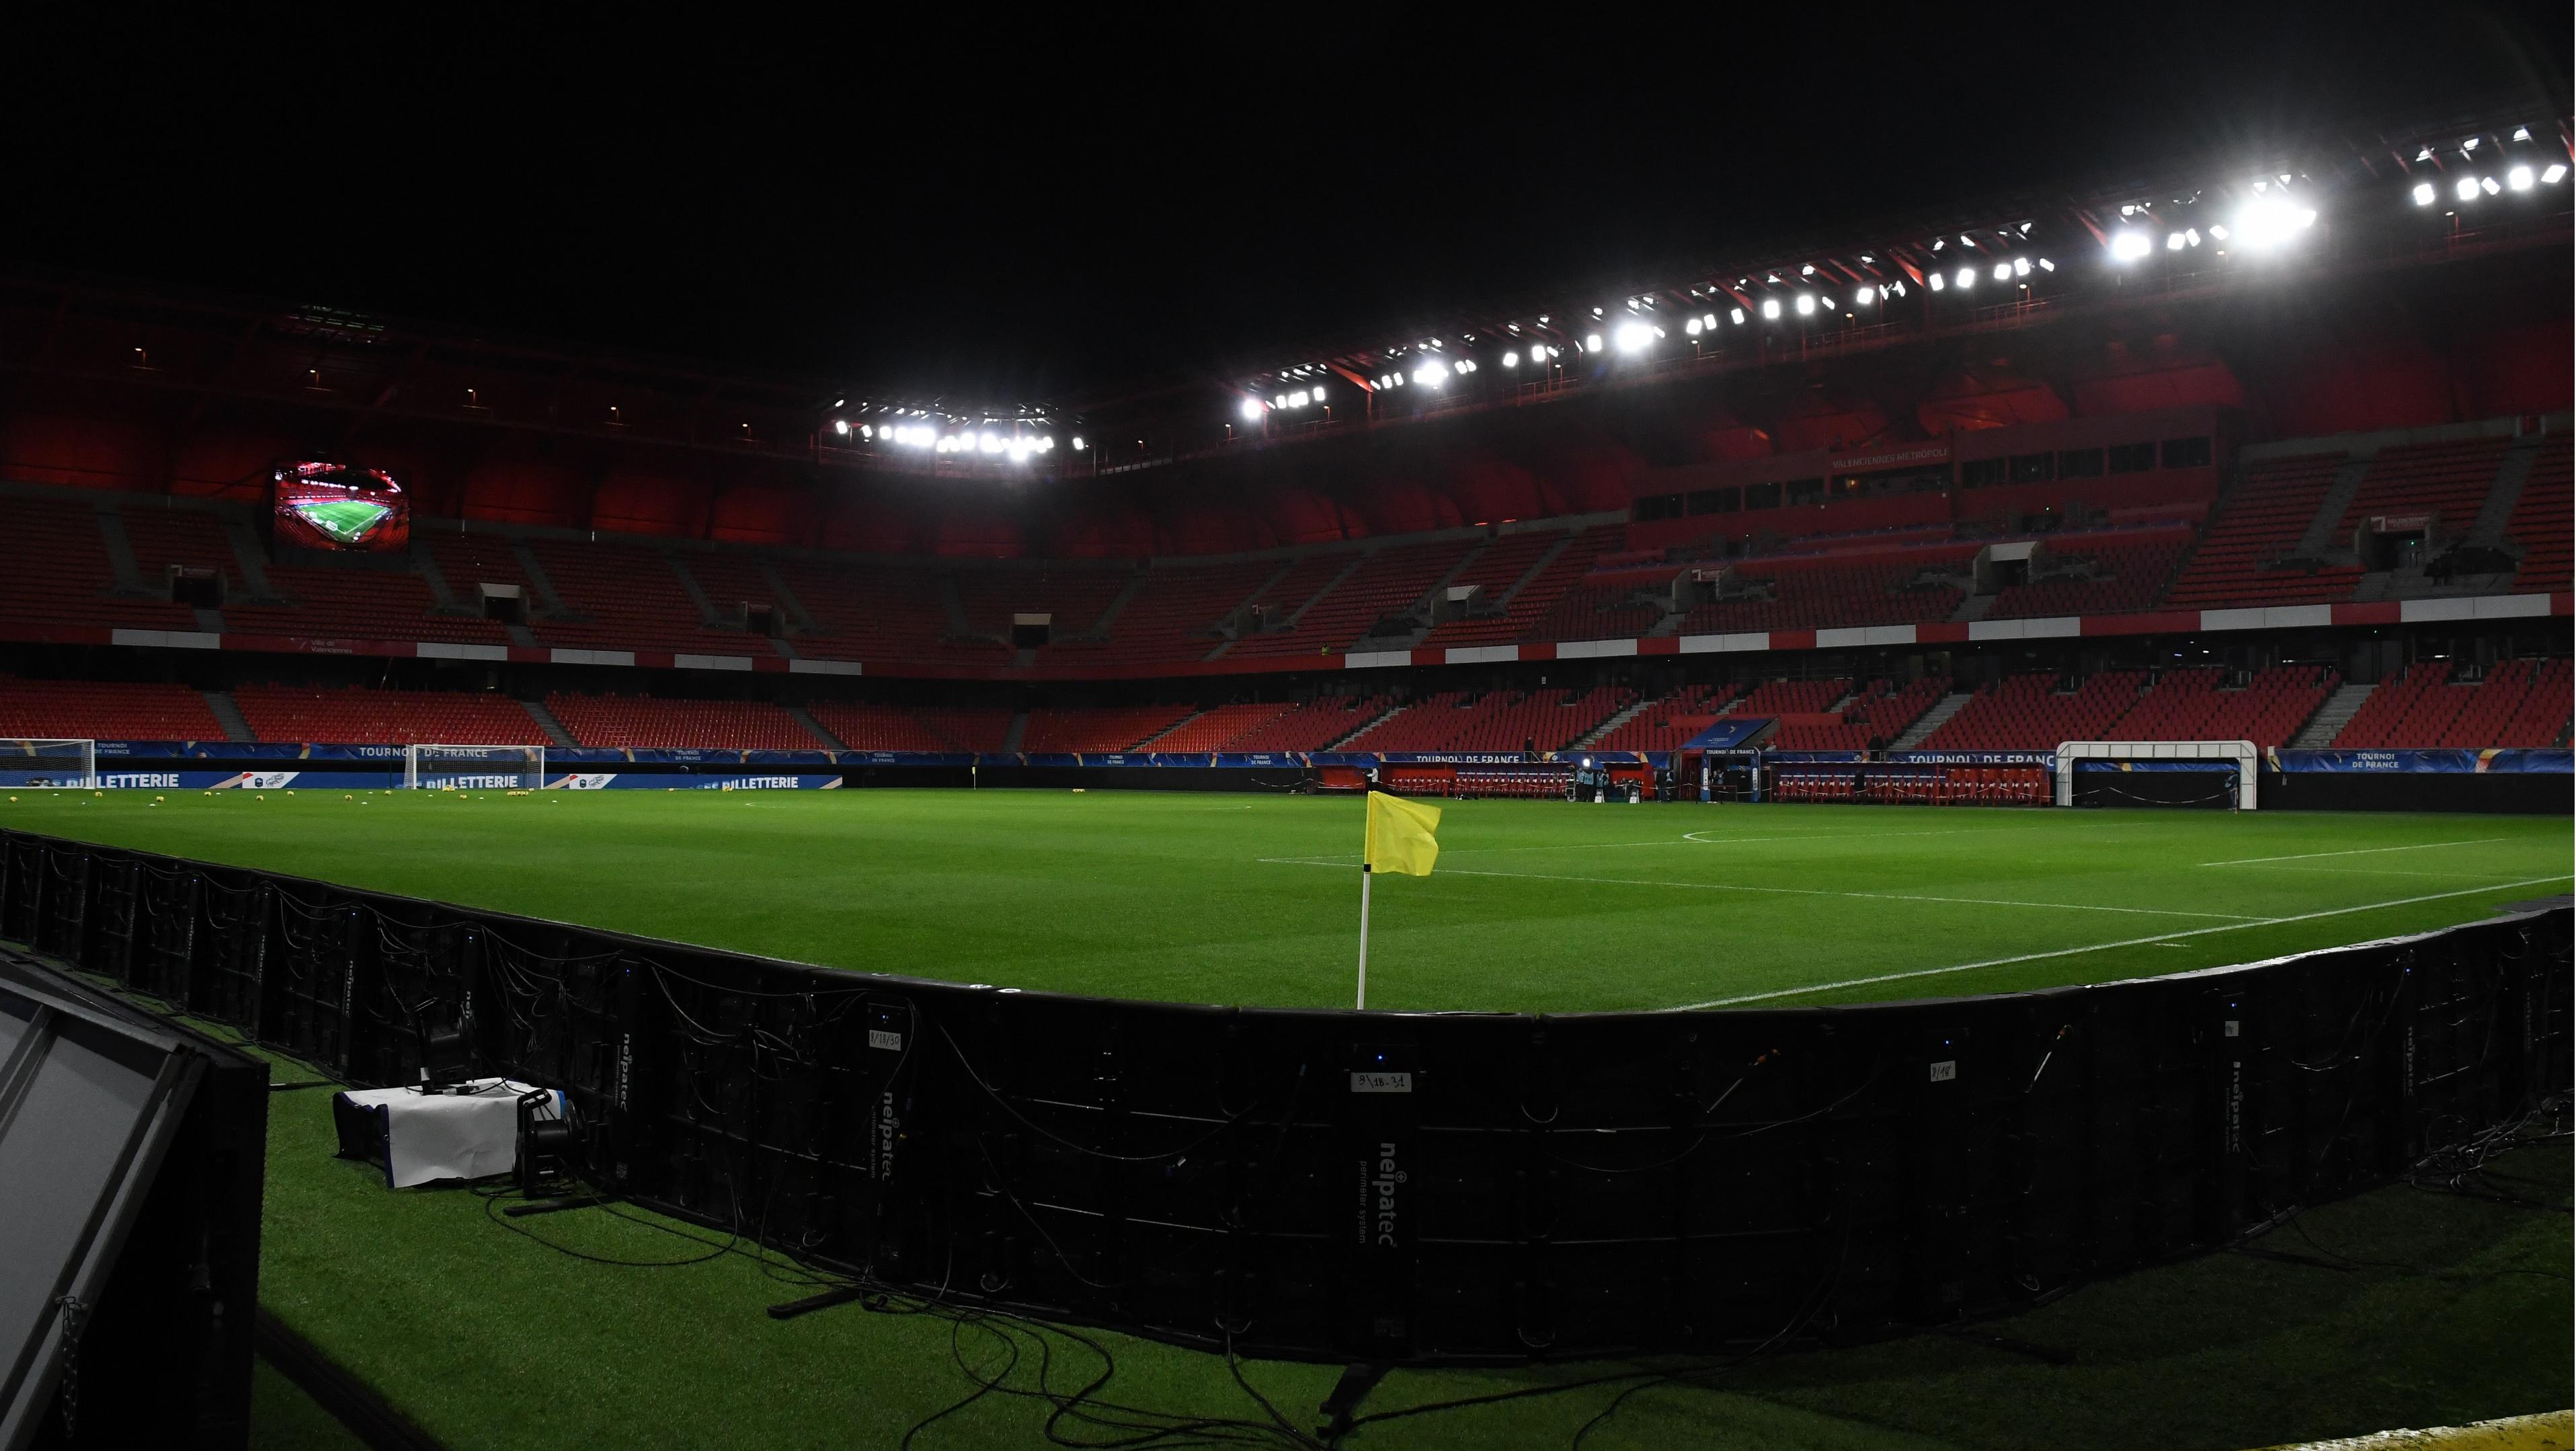 Tournoi de France 2020 France - Pays-Bas à Valenciennes huis clos